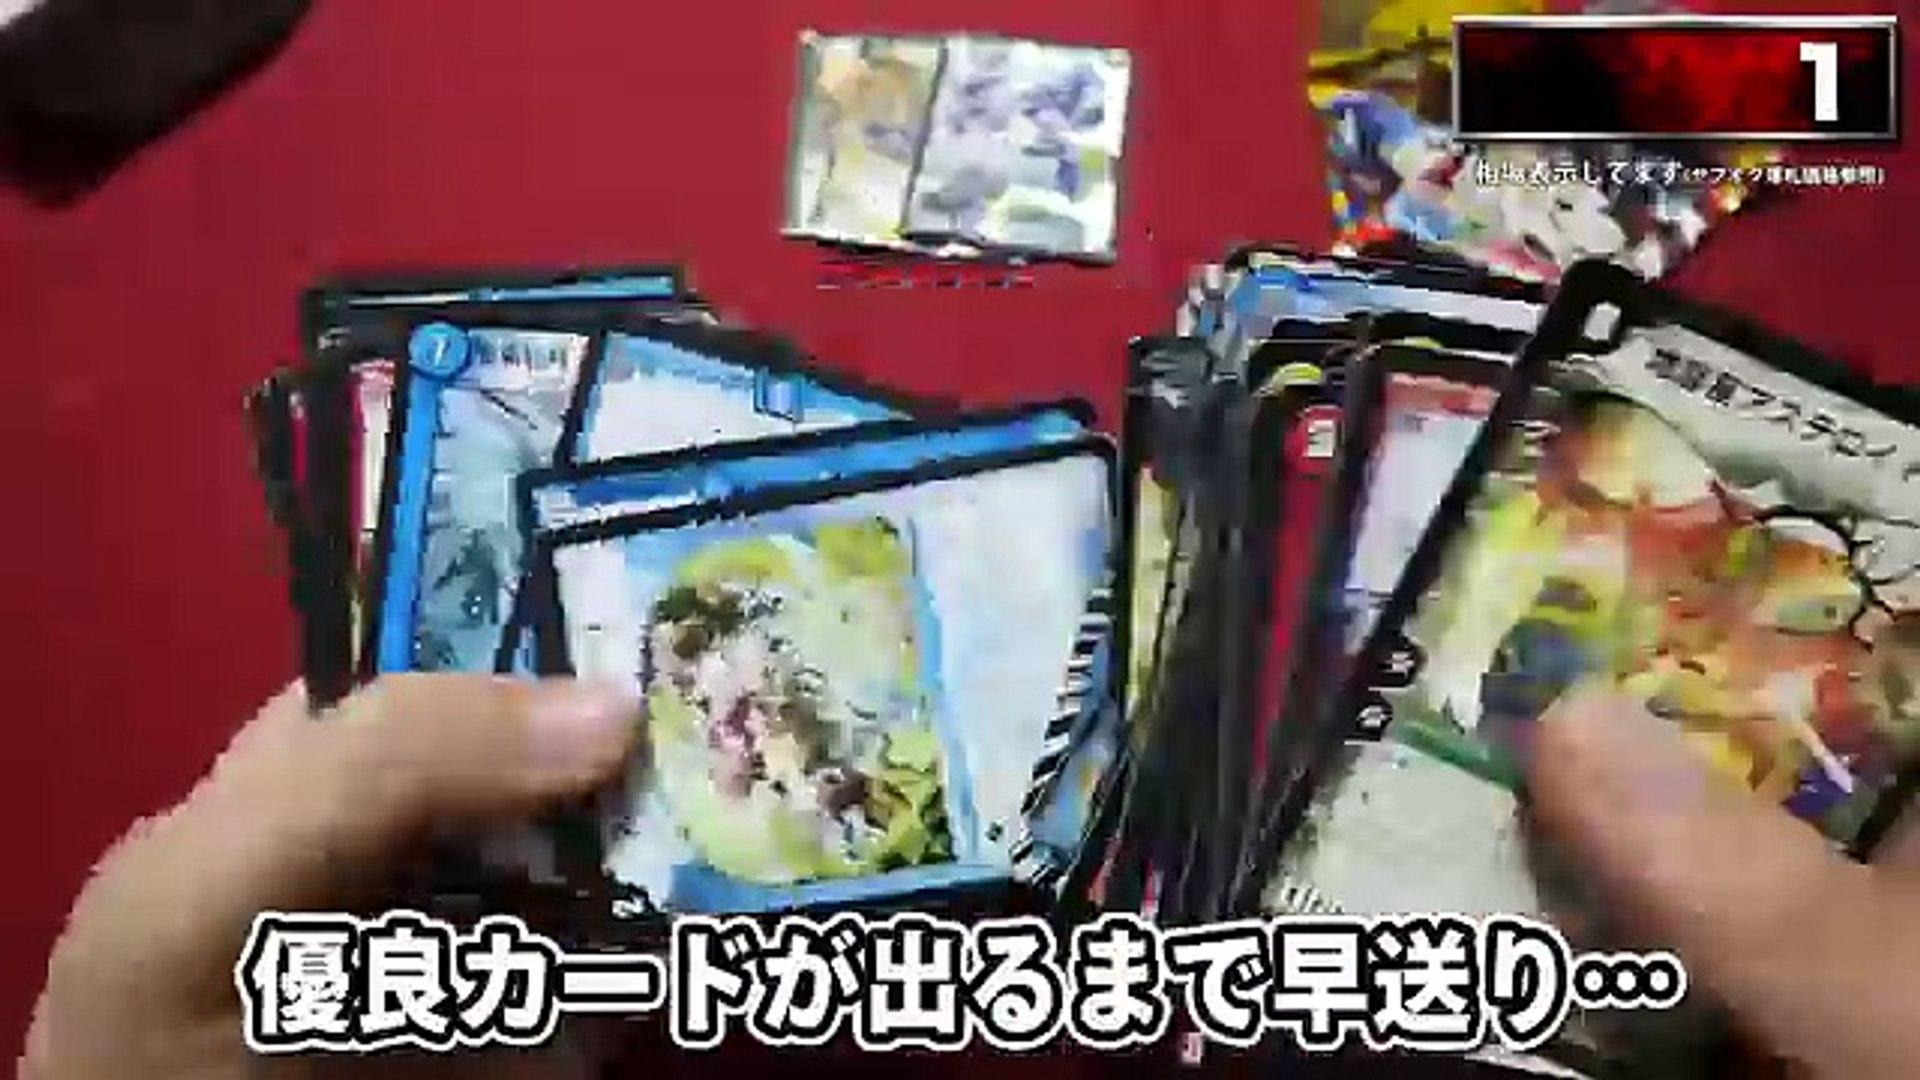 【デュエマ】Amazonのデュエマ1万円福袋が6000円OFFになっていたが…【開封動画】DuelMasters amazon original pack